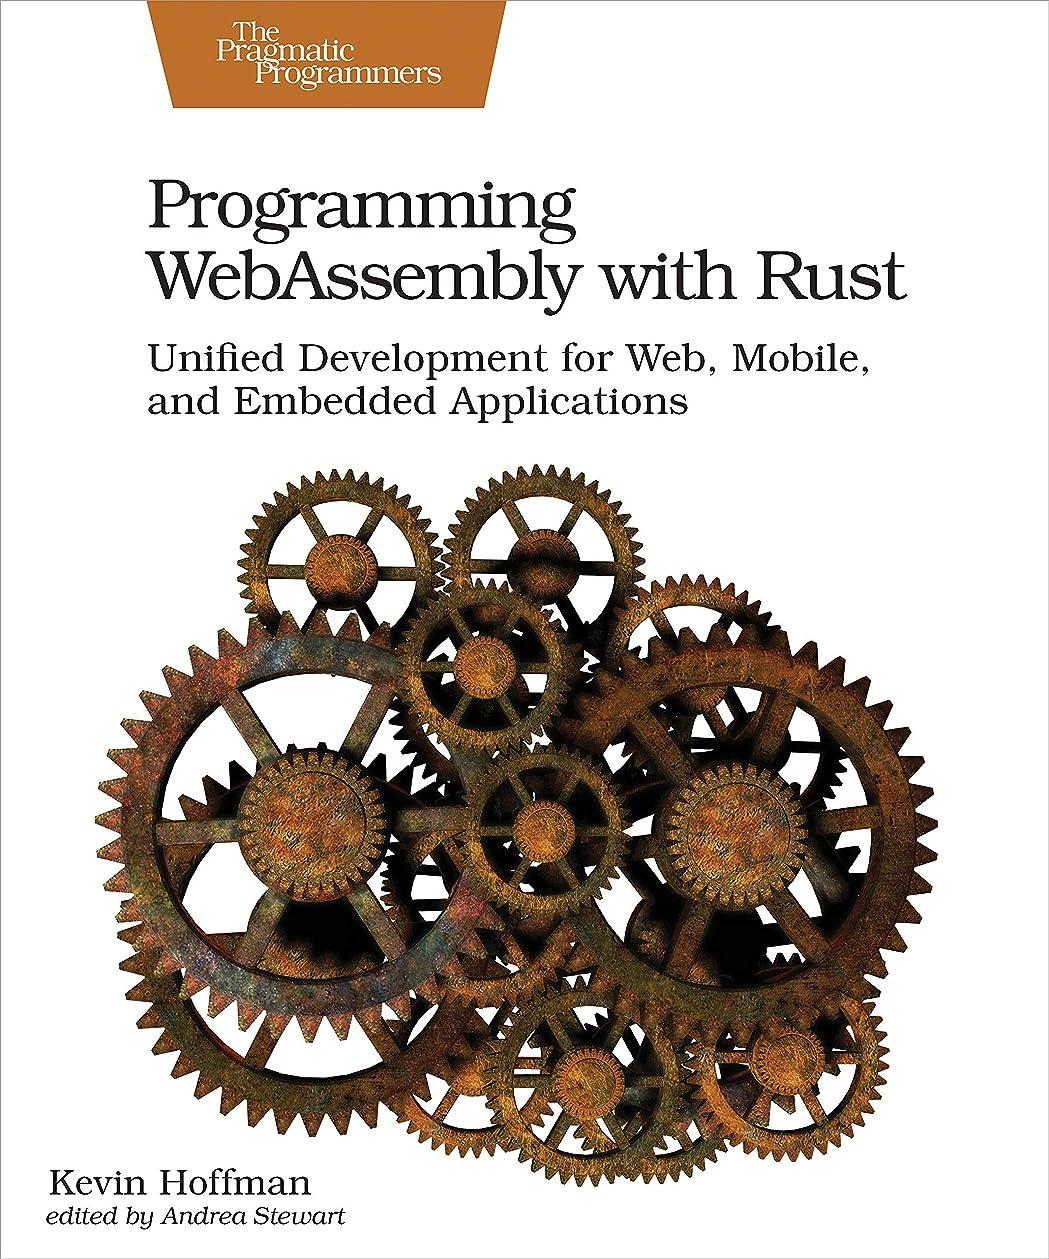 ちょうつがい妊娠したタイプProgramming WebAssembly with Rust: Unified Development for Web, Mobile, and Embedded Applications (English Edition)